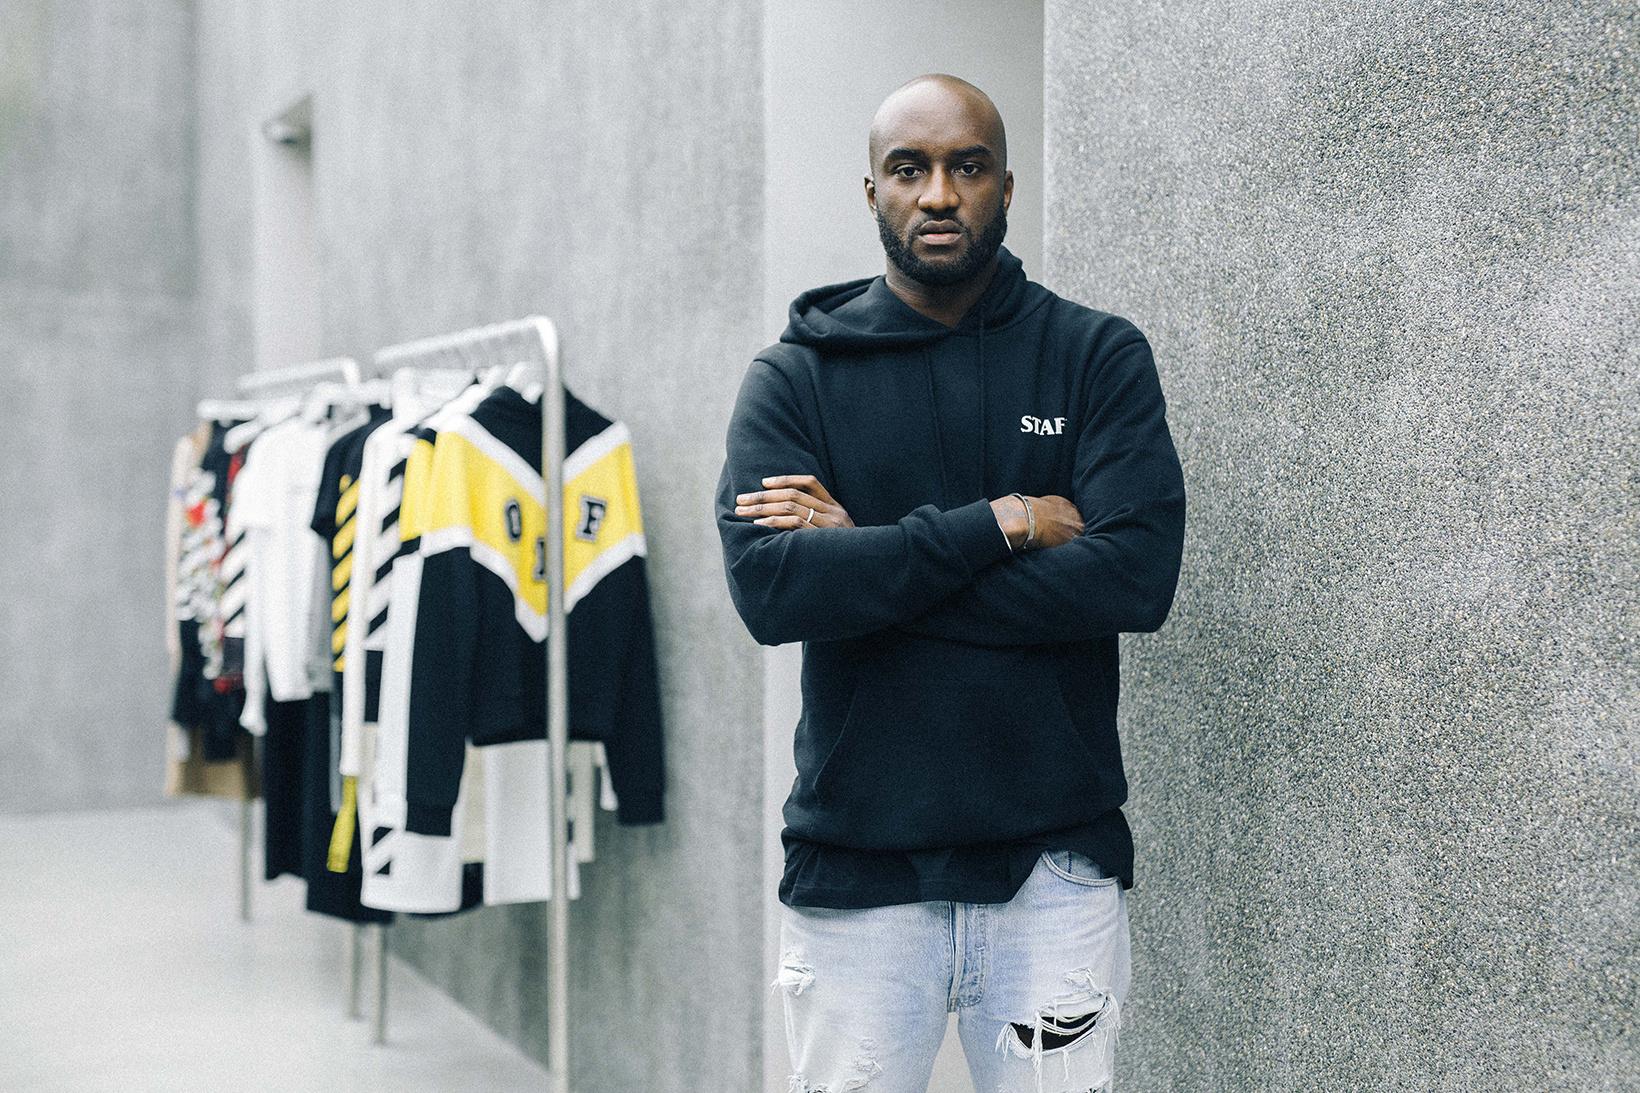 Virgil Abloh sẽ mang đến điều gì cho thương hiệu Louis Vuitton khi trở thành giám đốc sáng tạo?